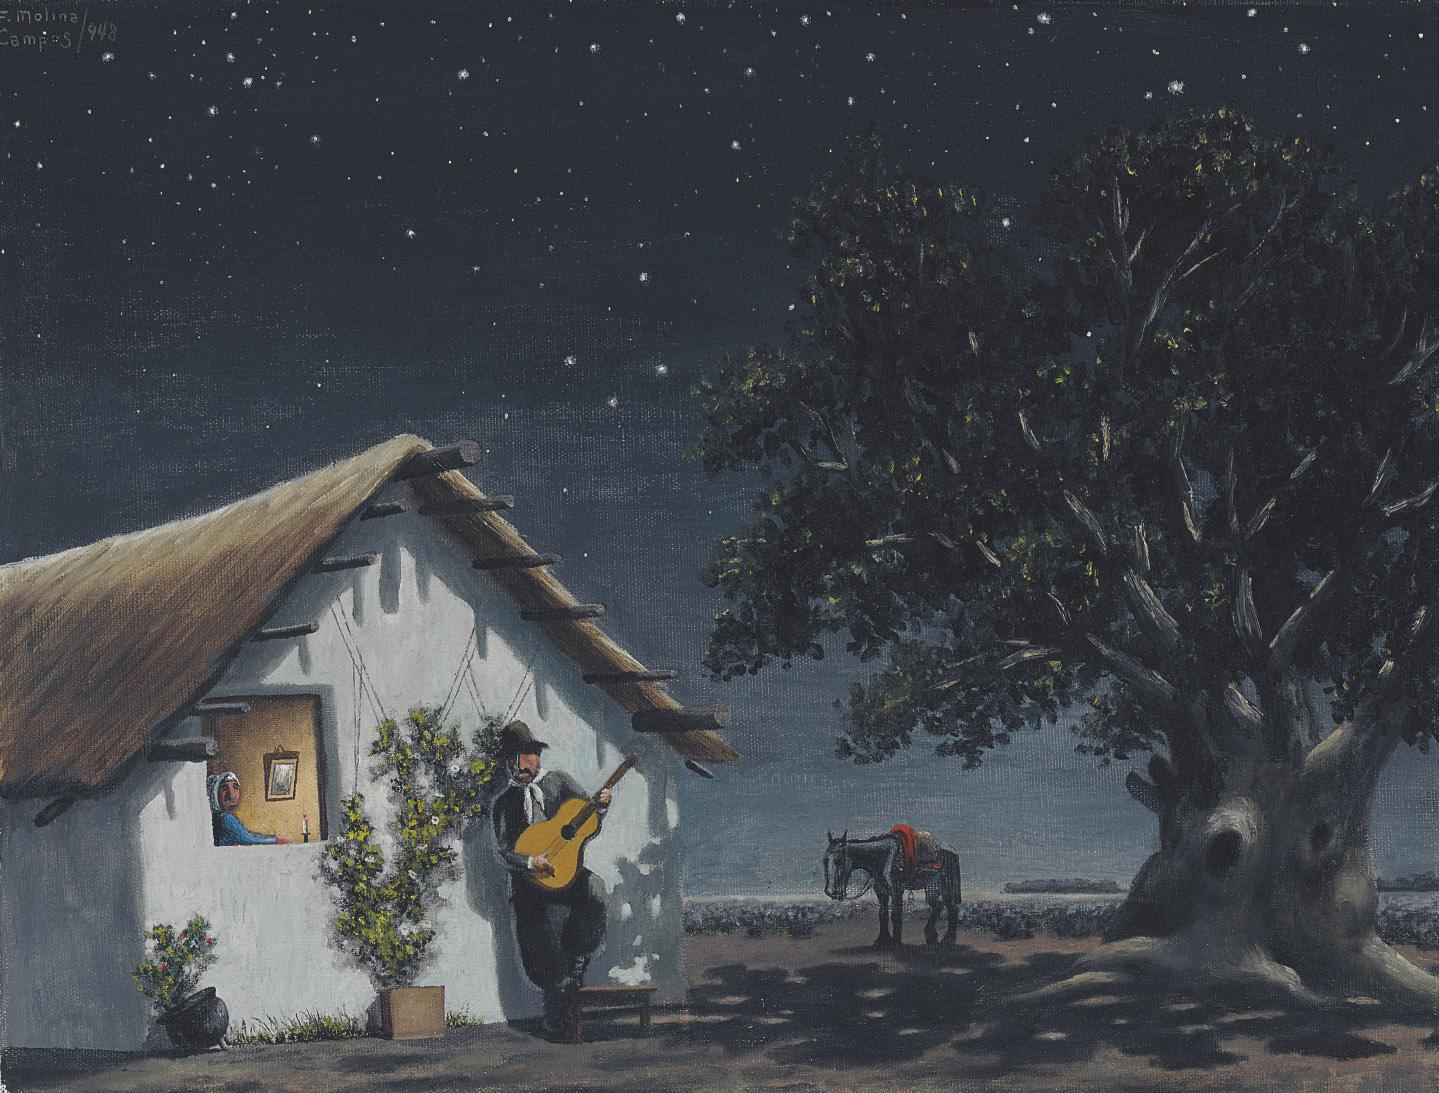 La serenata  (also known as 'Bajo la cruz del sud')